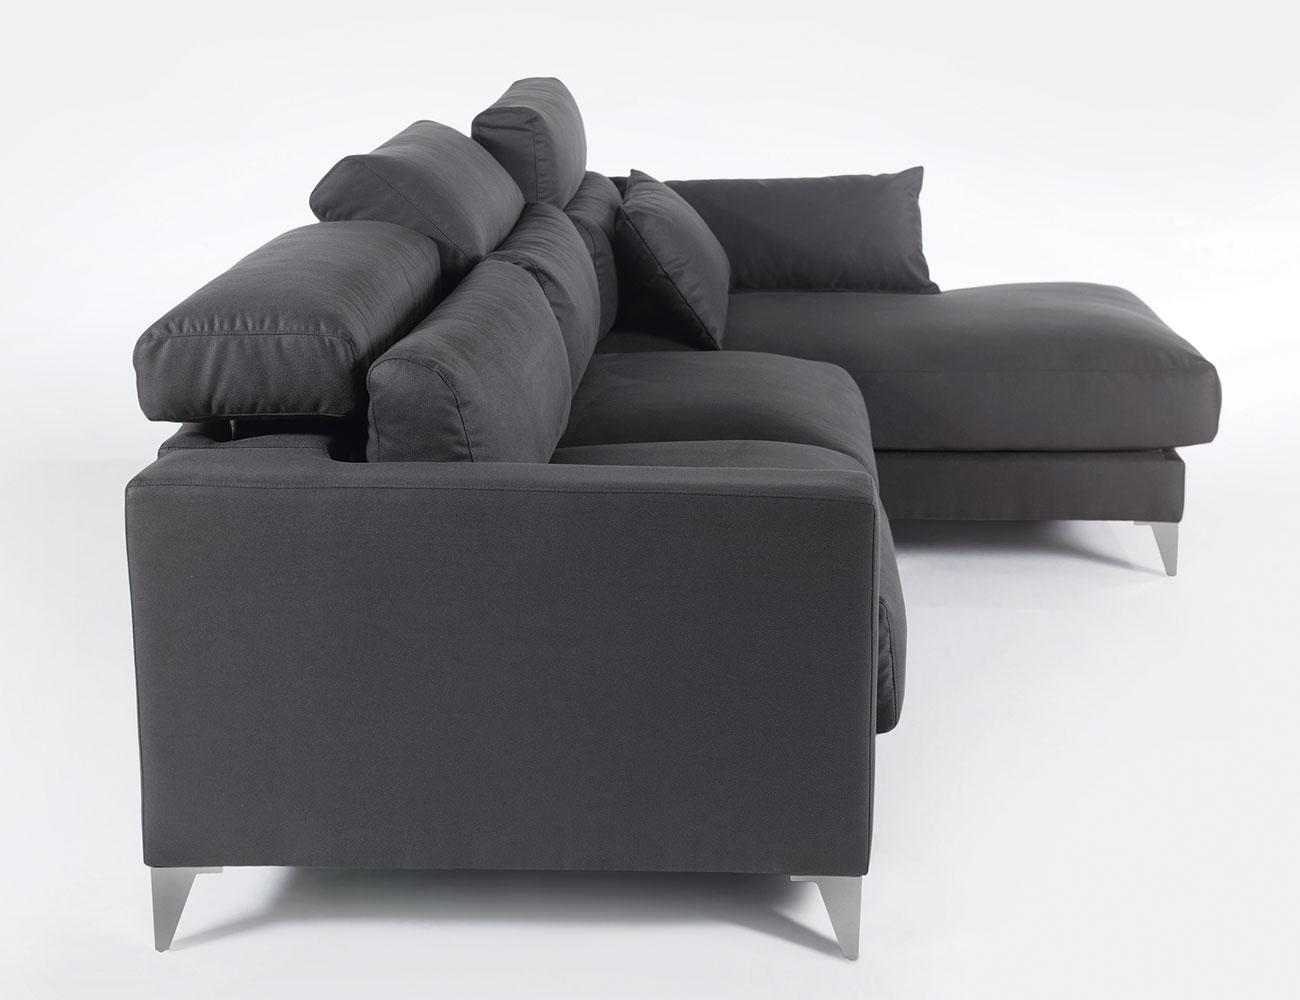 Sofa chaiselongue gran lujo decorativo grafito 136